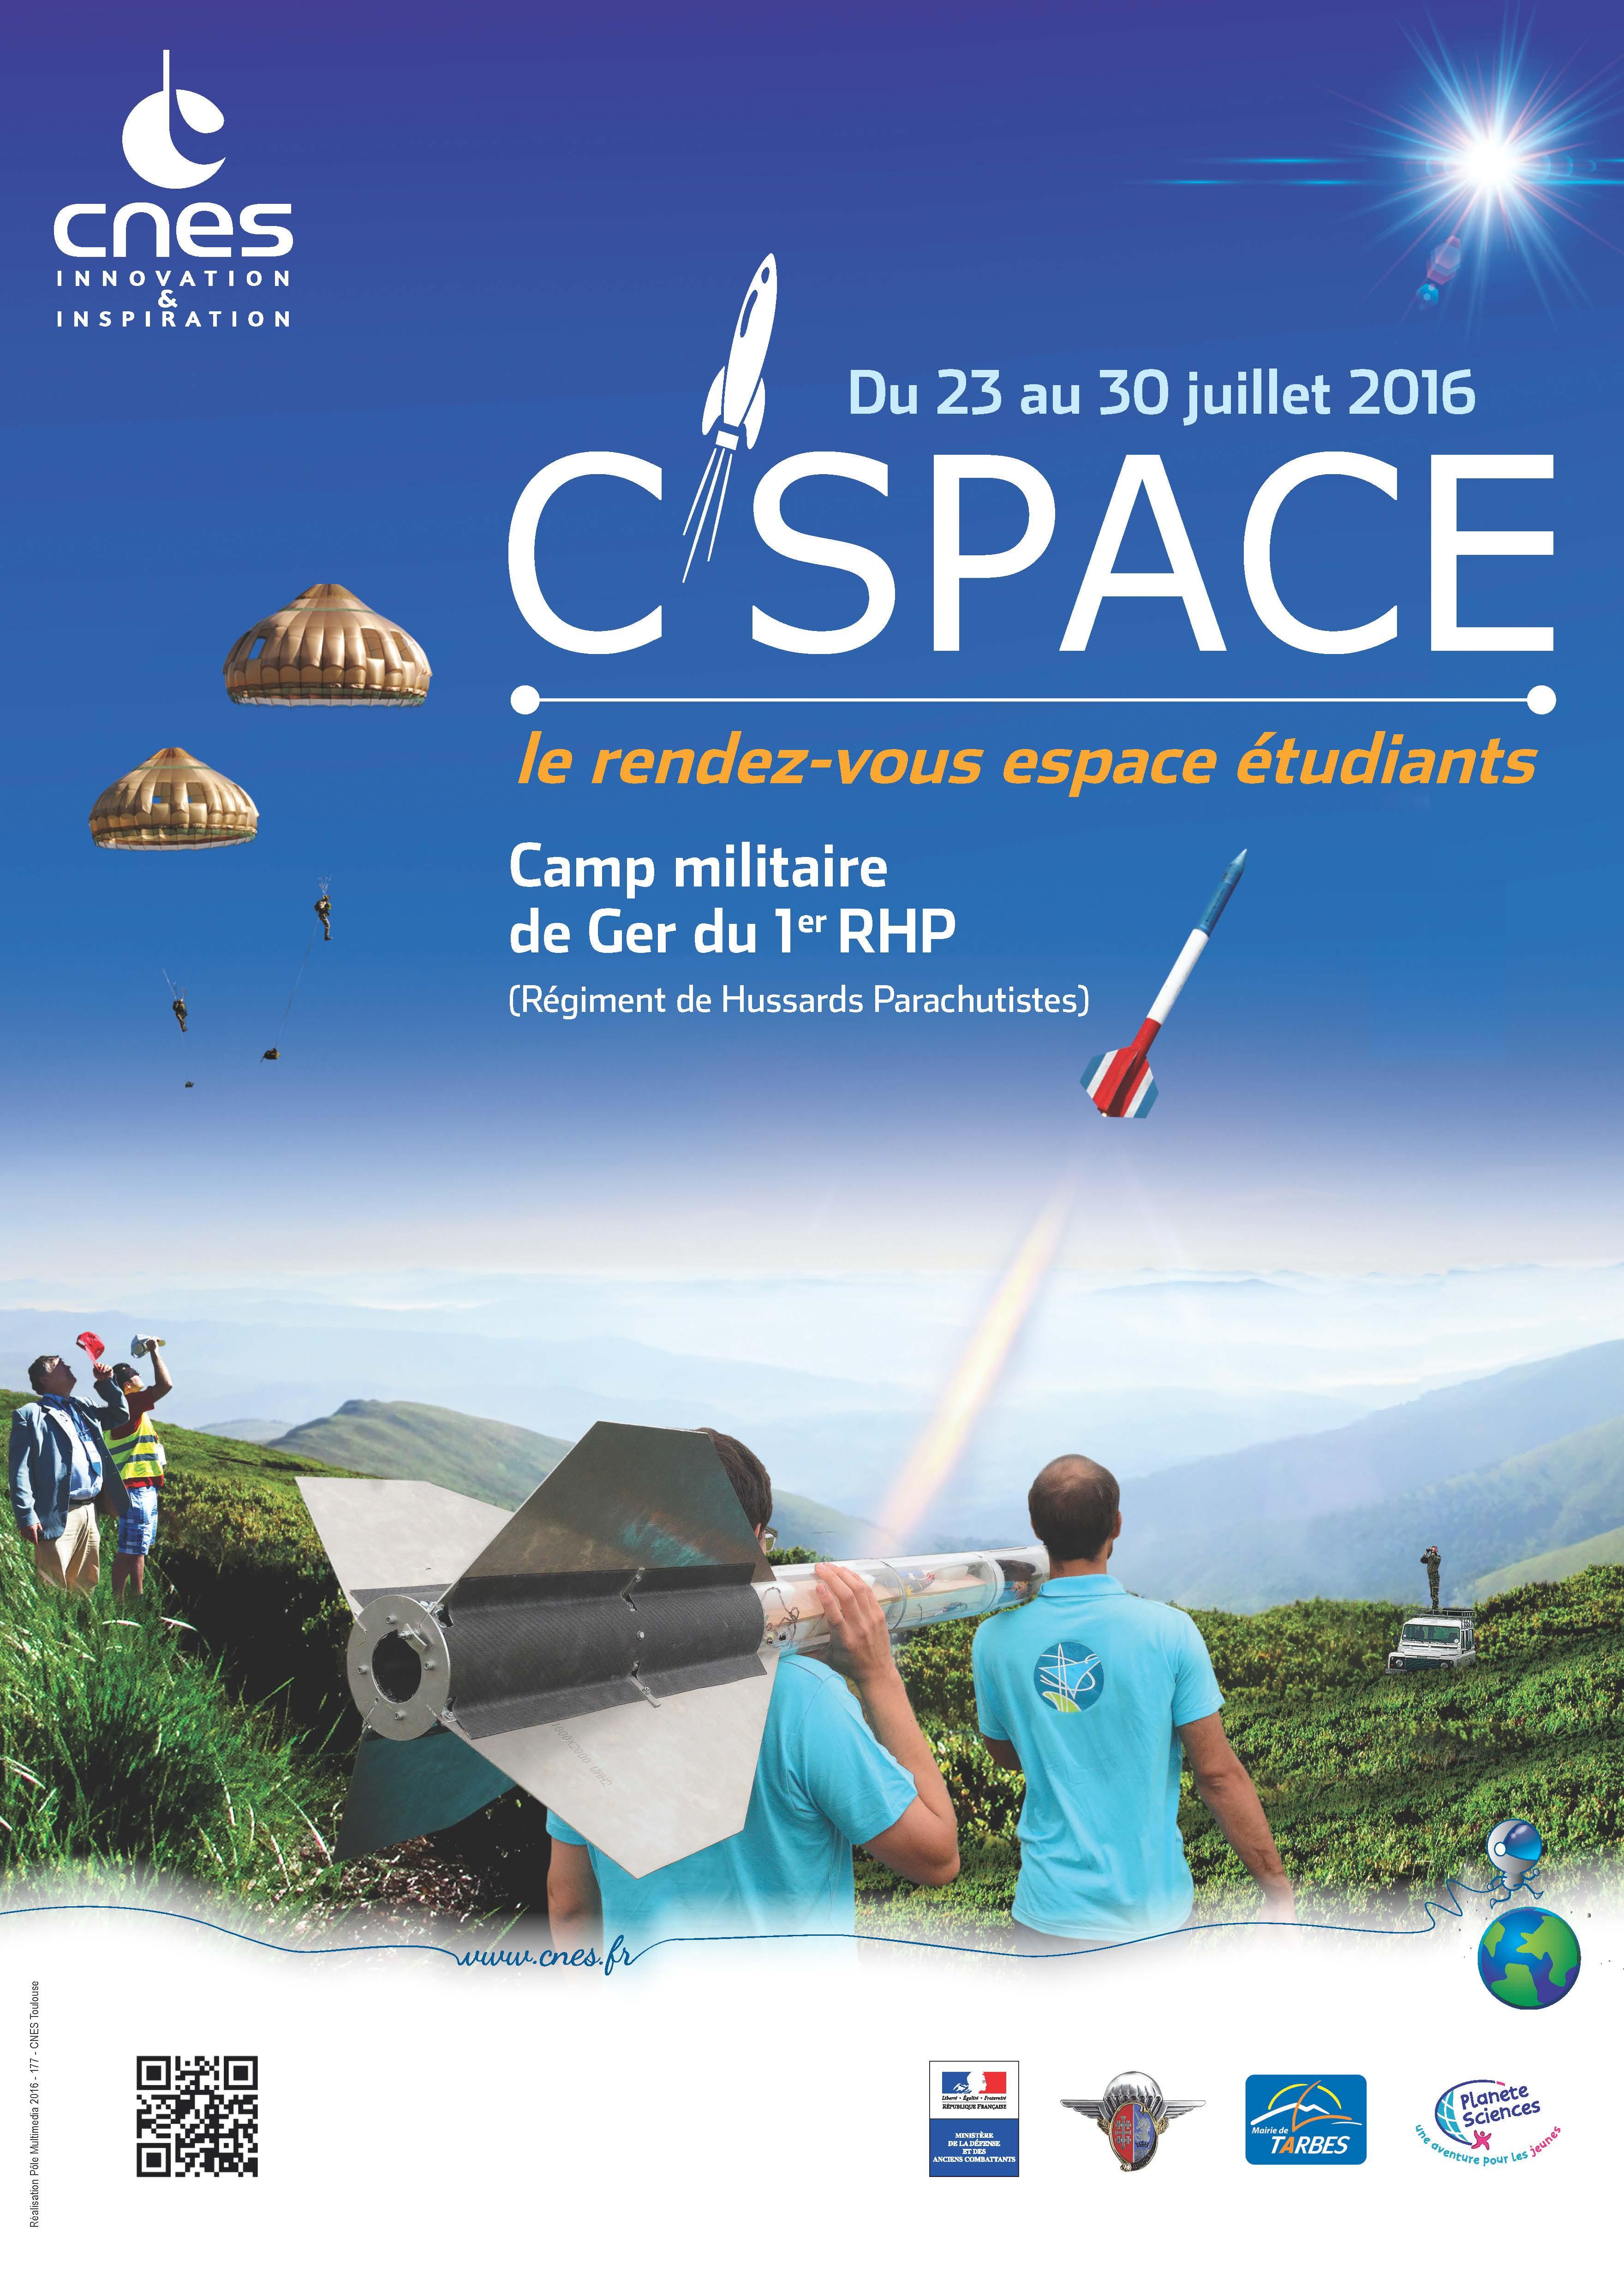 C space